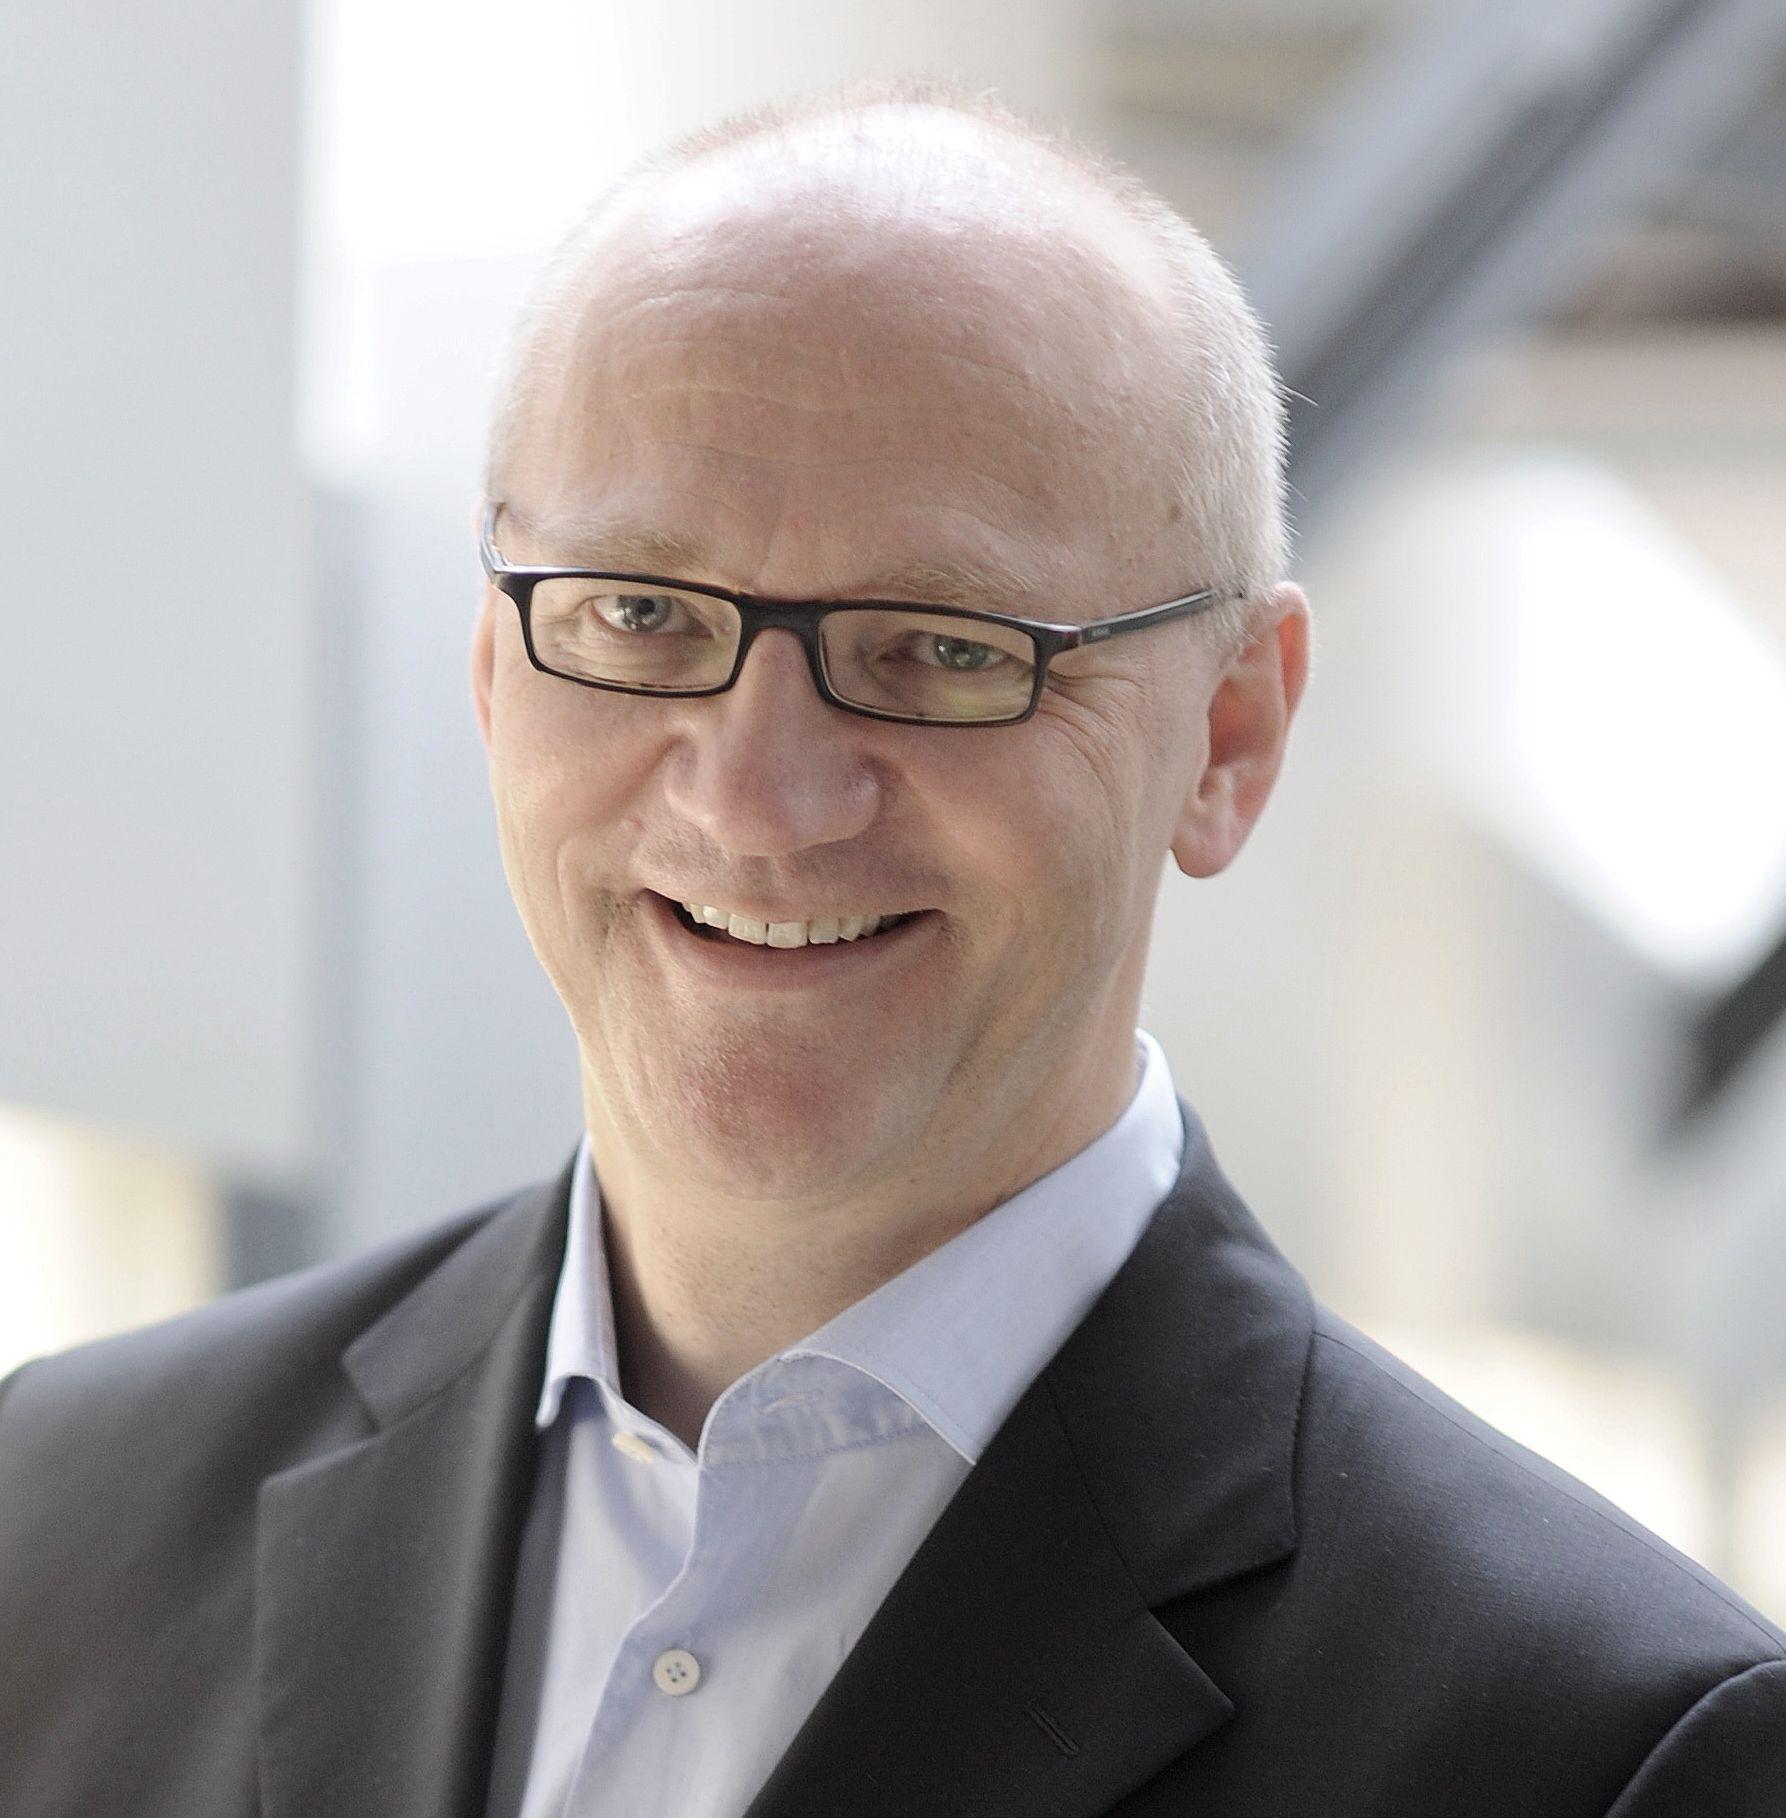 <b>Ralf Specht</b> und Werner Krainz führen Jaguar-Agentur Spark 44 in Deutschland - Ralf-Specht-fhrt-die-deutsche-Spark-44-...-38180